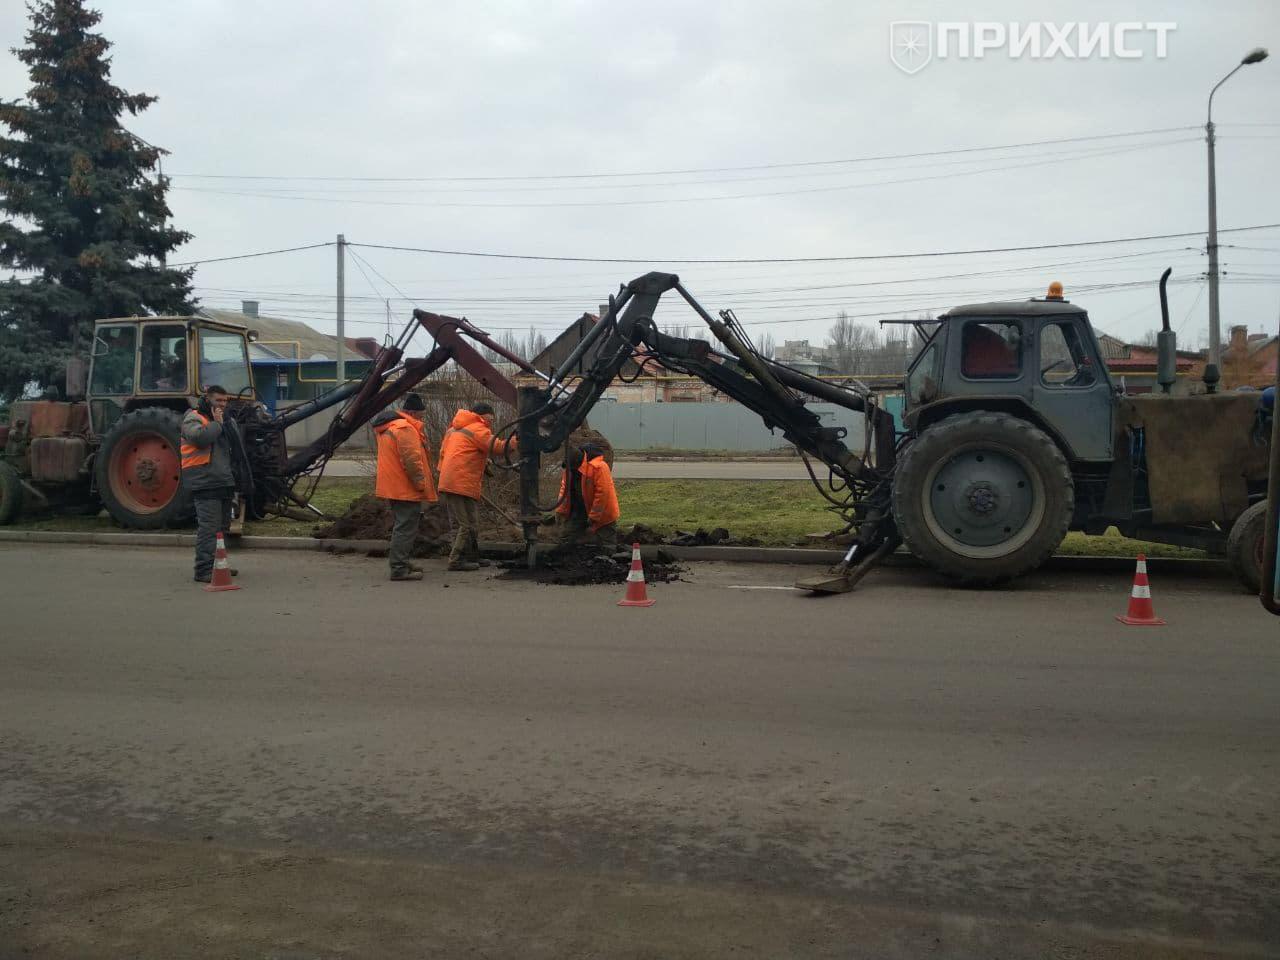 Вниманию водителей: в Никополе на проезжей части по ул. Электрометаллургов ремонтируют водопровод | Прихист